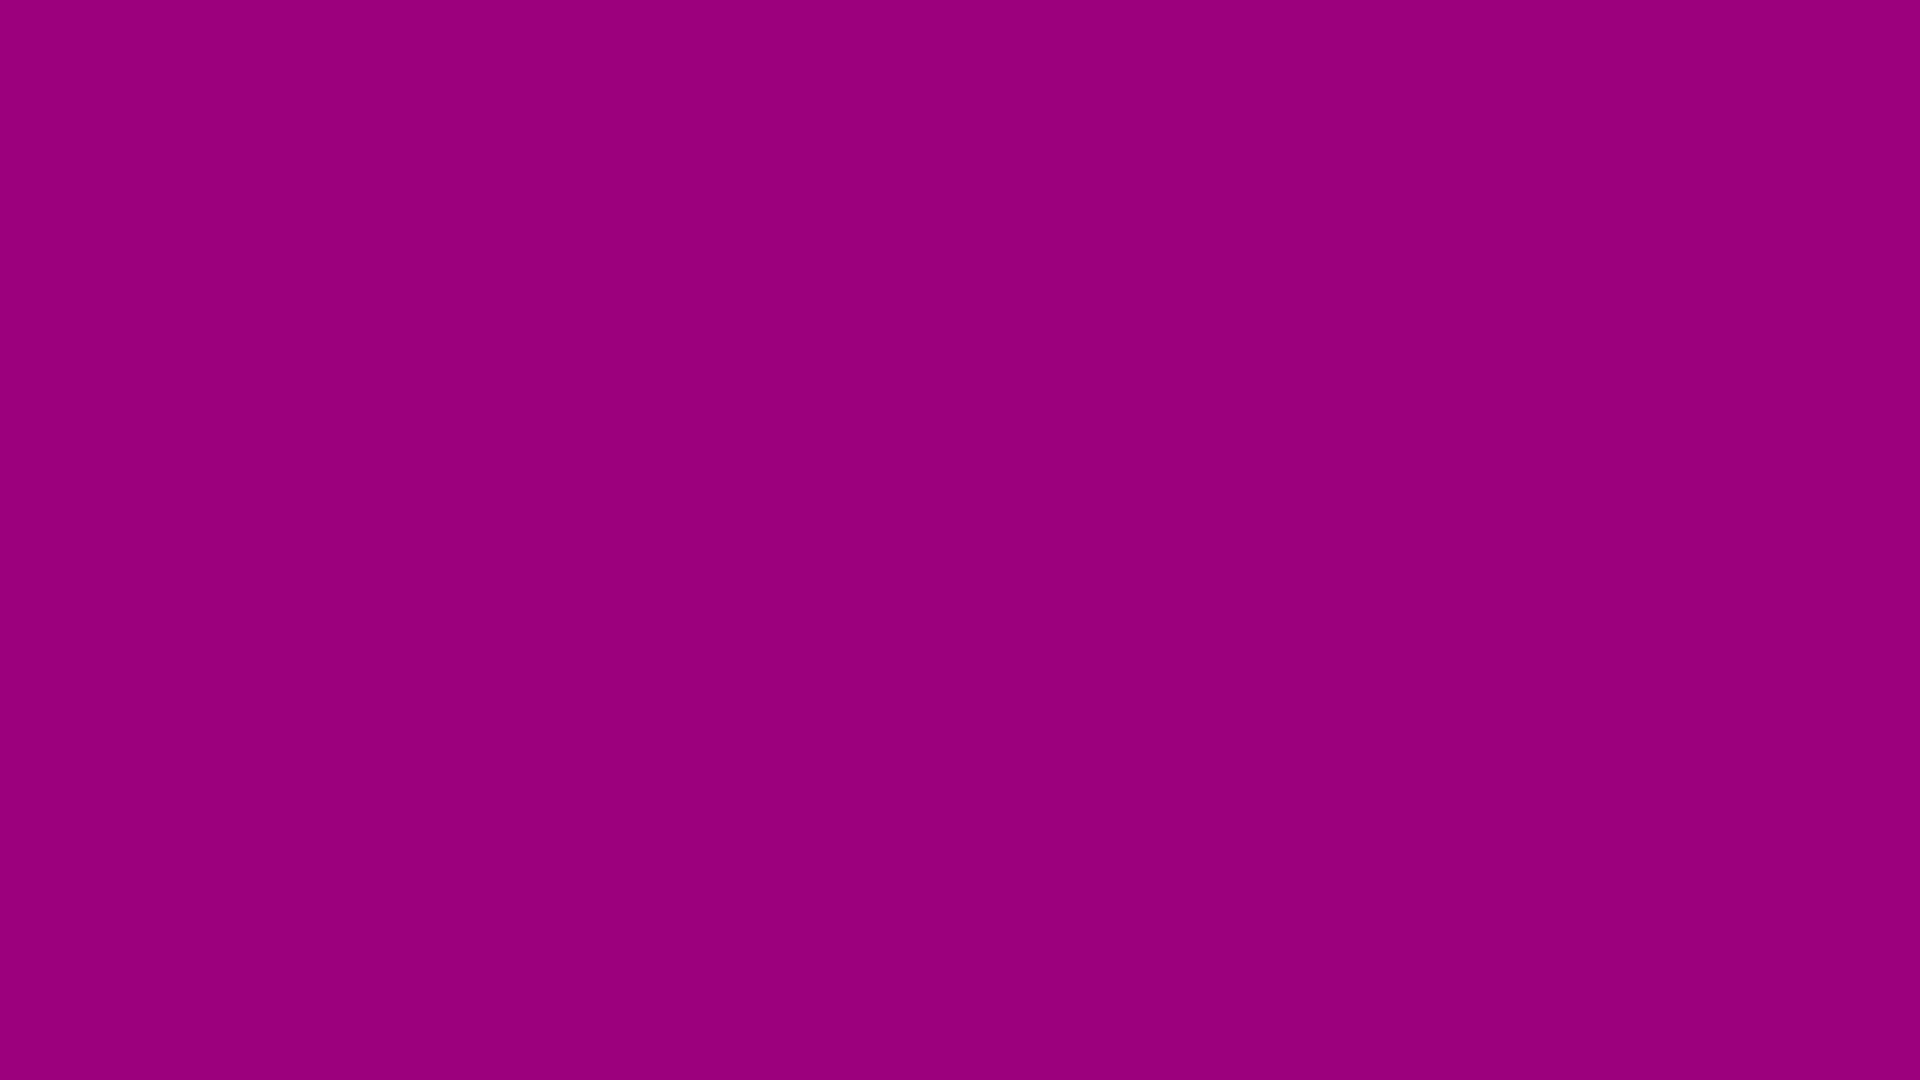 violet viola background wallpaper